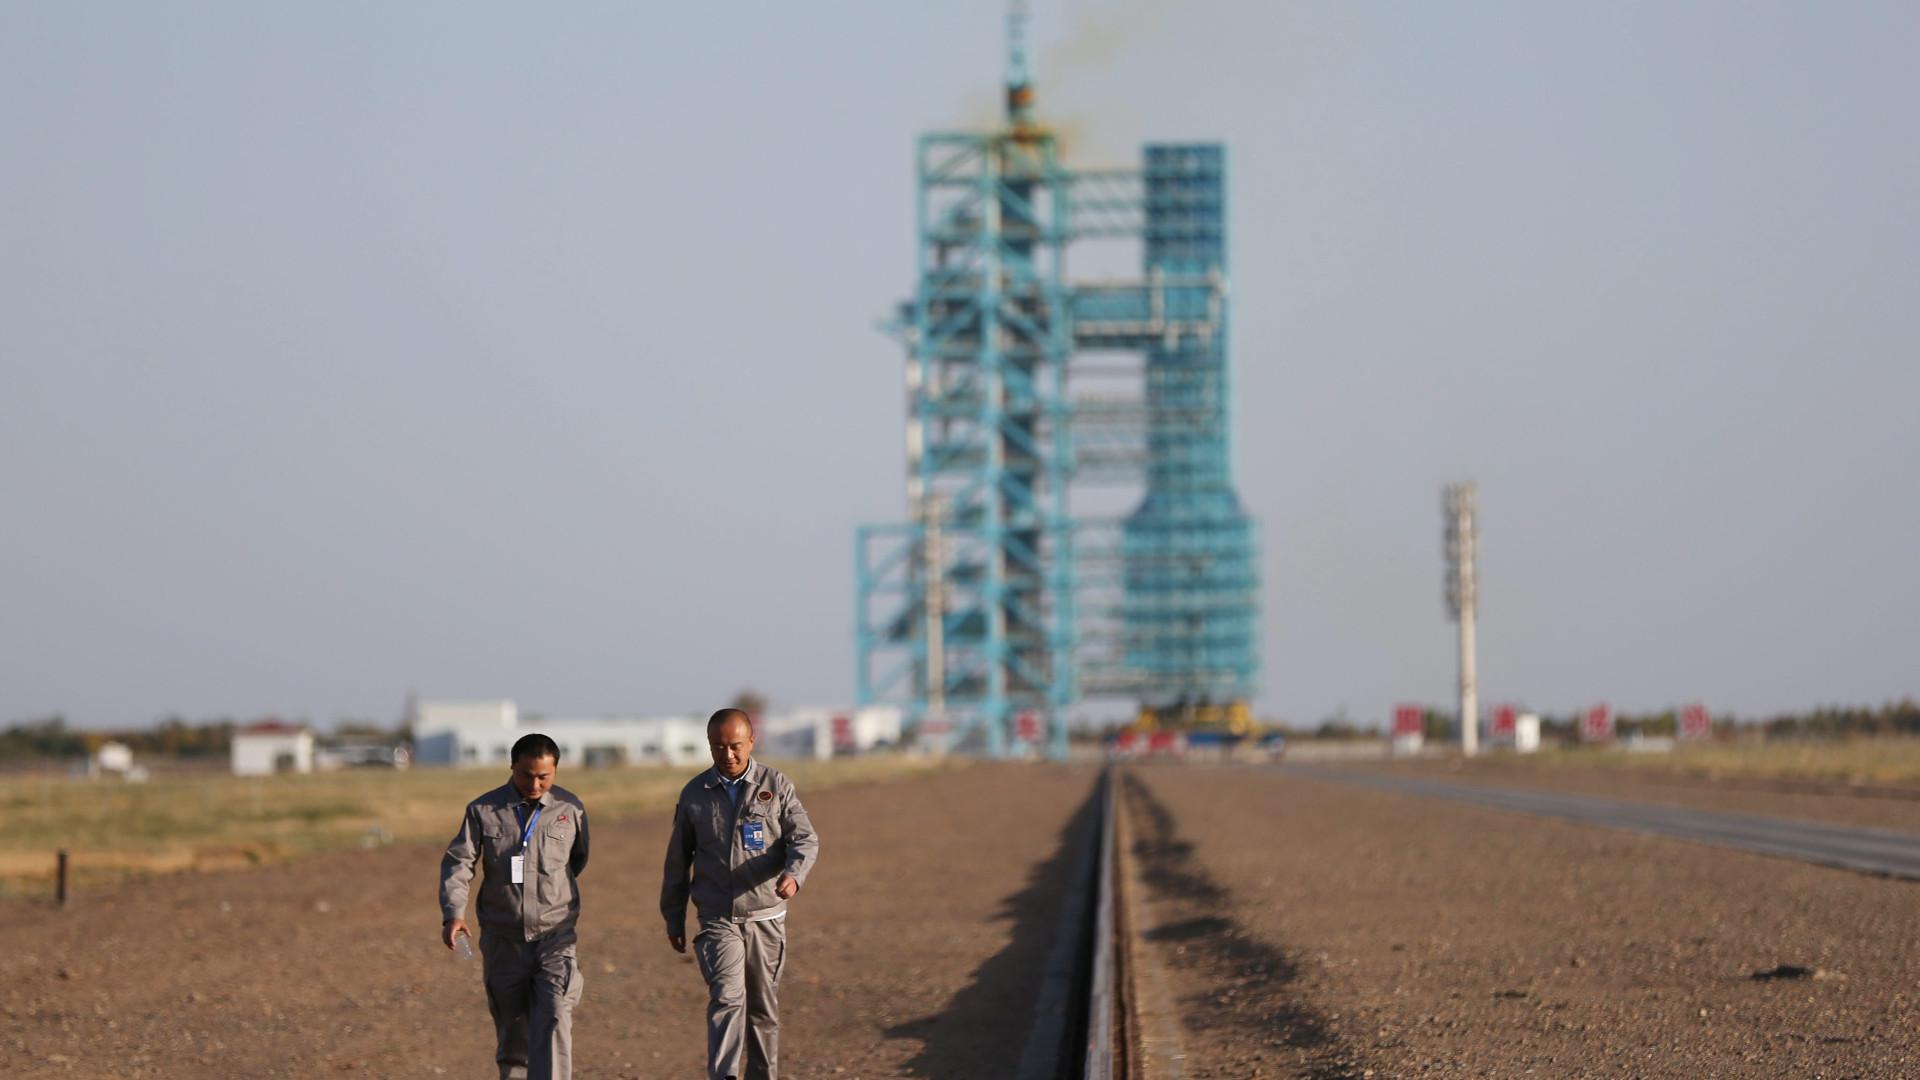 Brasil celebra parceria com China e ambiciona projeto com Portugal